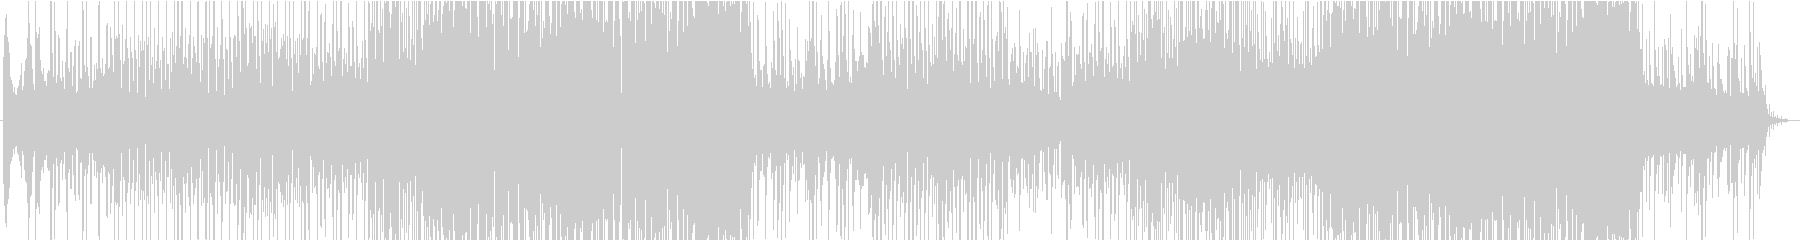 三味線と太鼓が奏でる和風EDM楽曲の未再生の波形